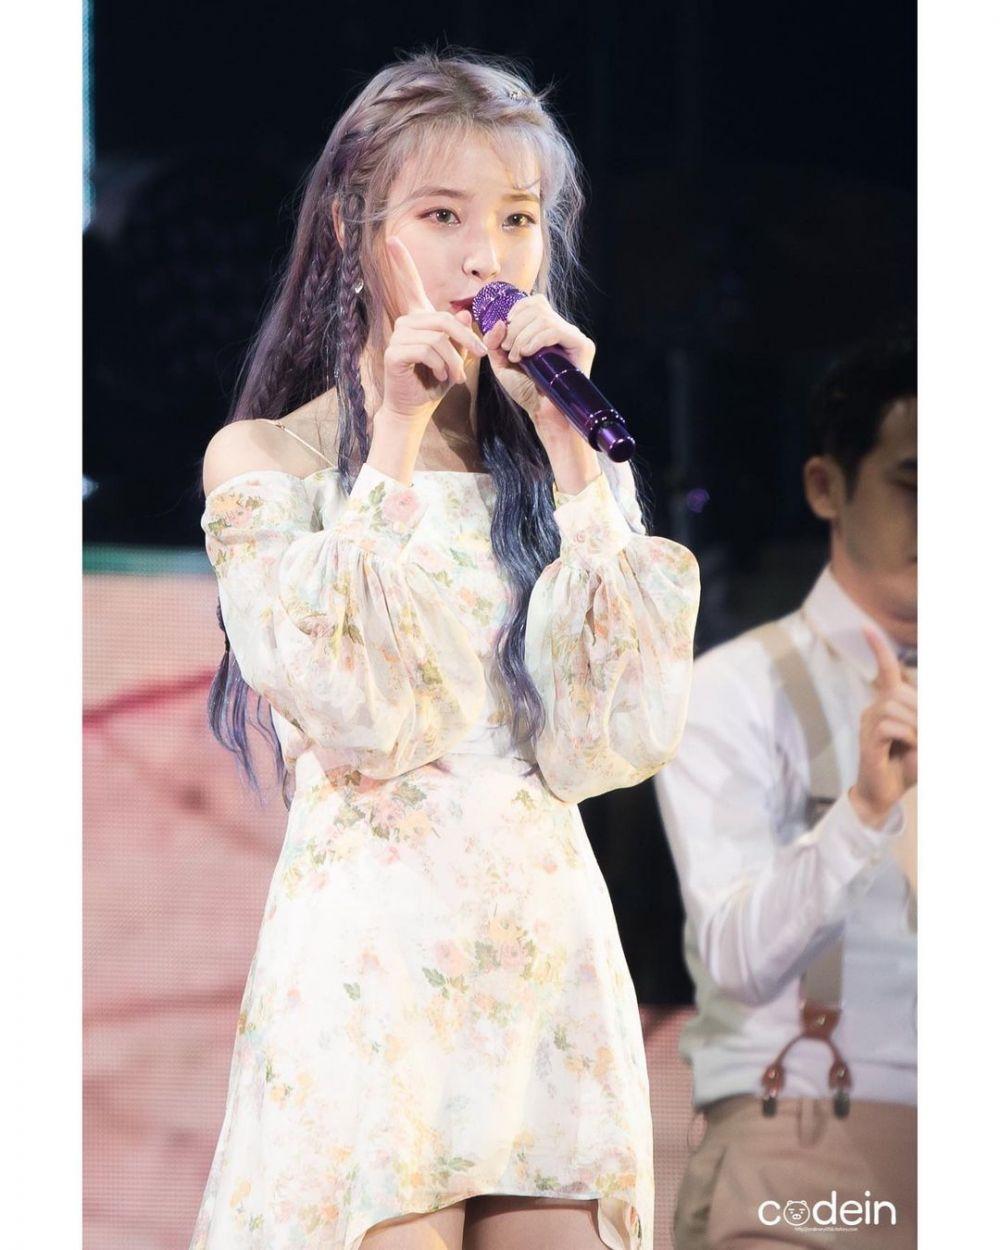 10 Pesona Anggun IU dalam Balutan Floral Dress, Flawless!